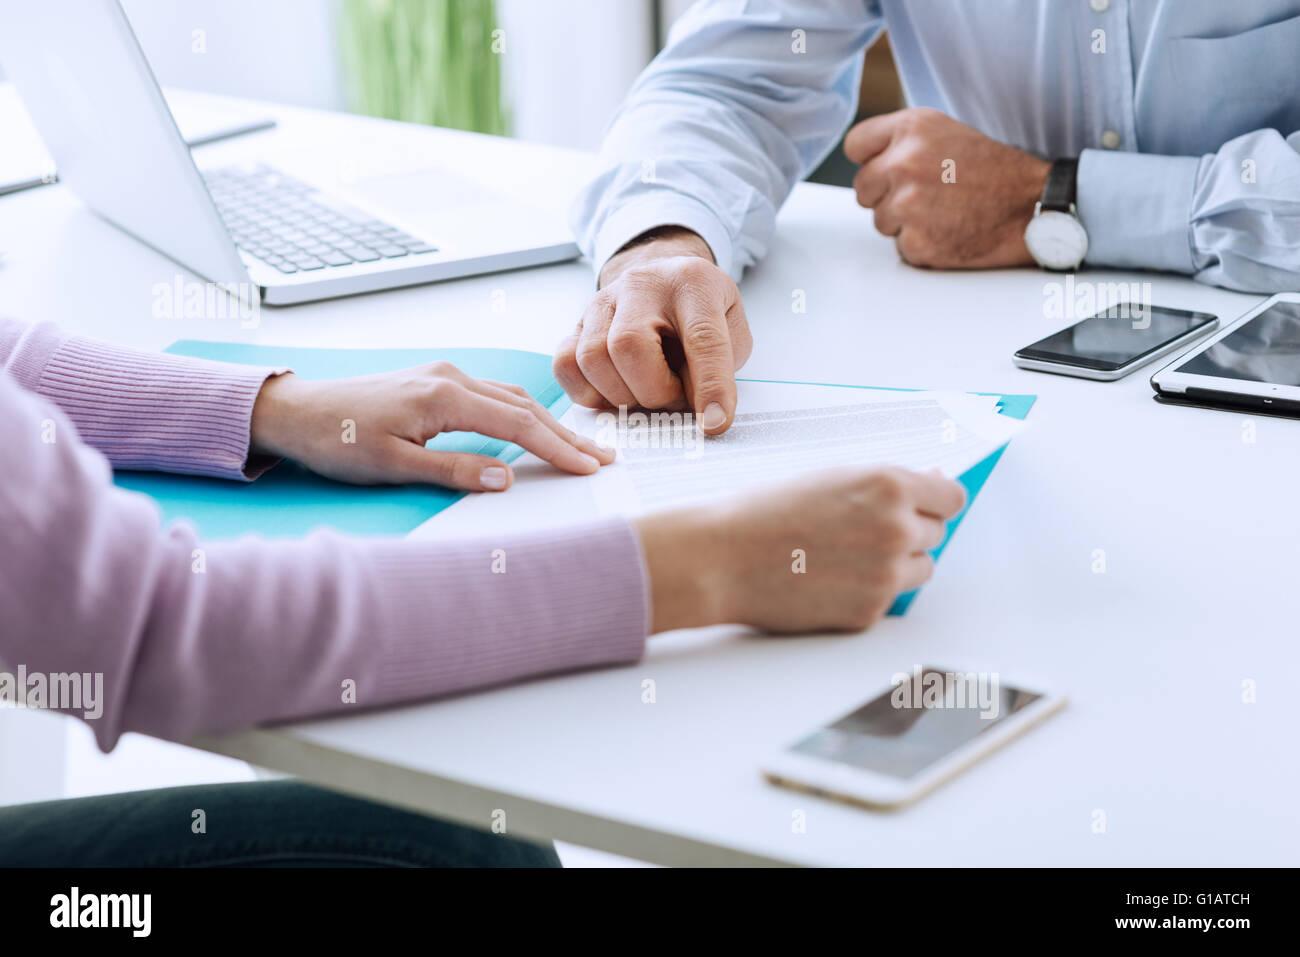 Giovane donna avente una riunione di affari con un dirigente nel suo ufficio, egli sta puntando su un contratto Immagini Stock